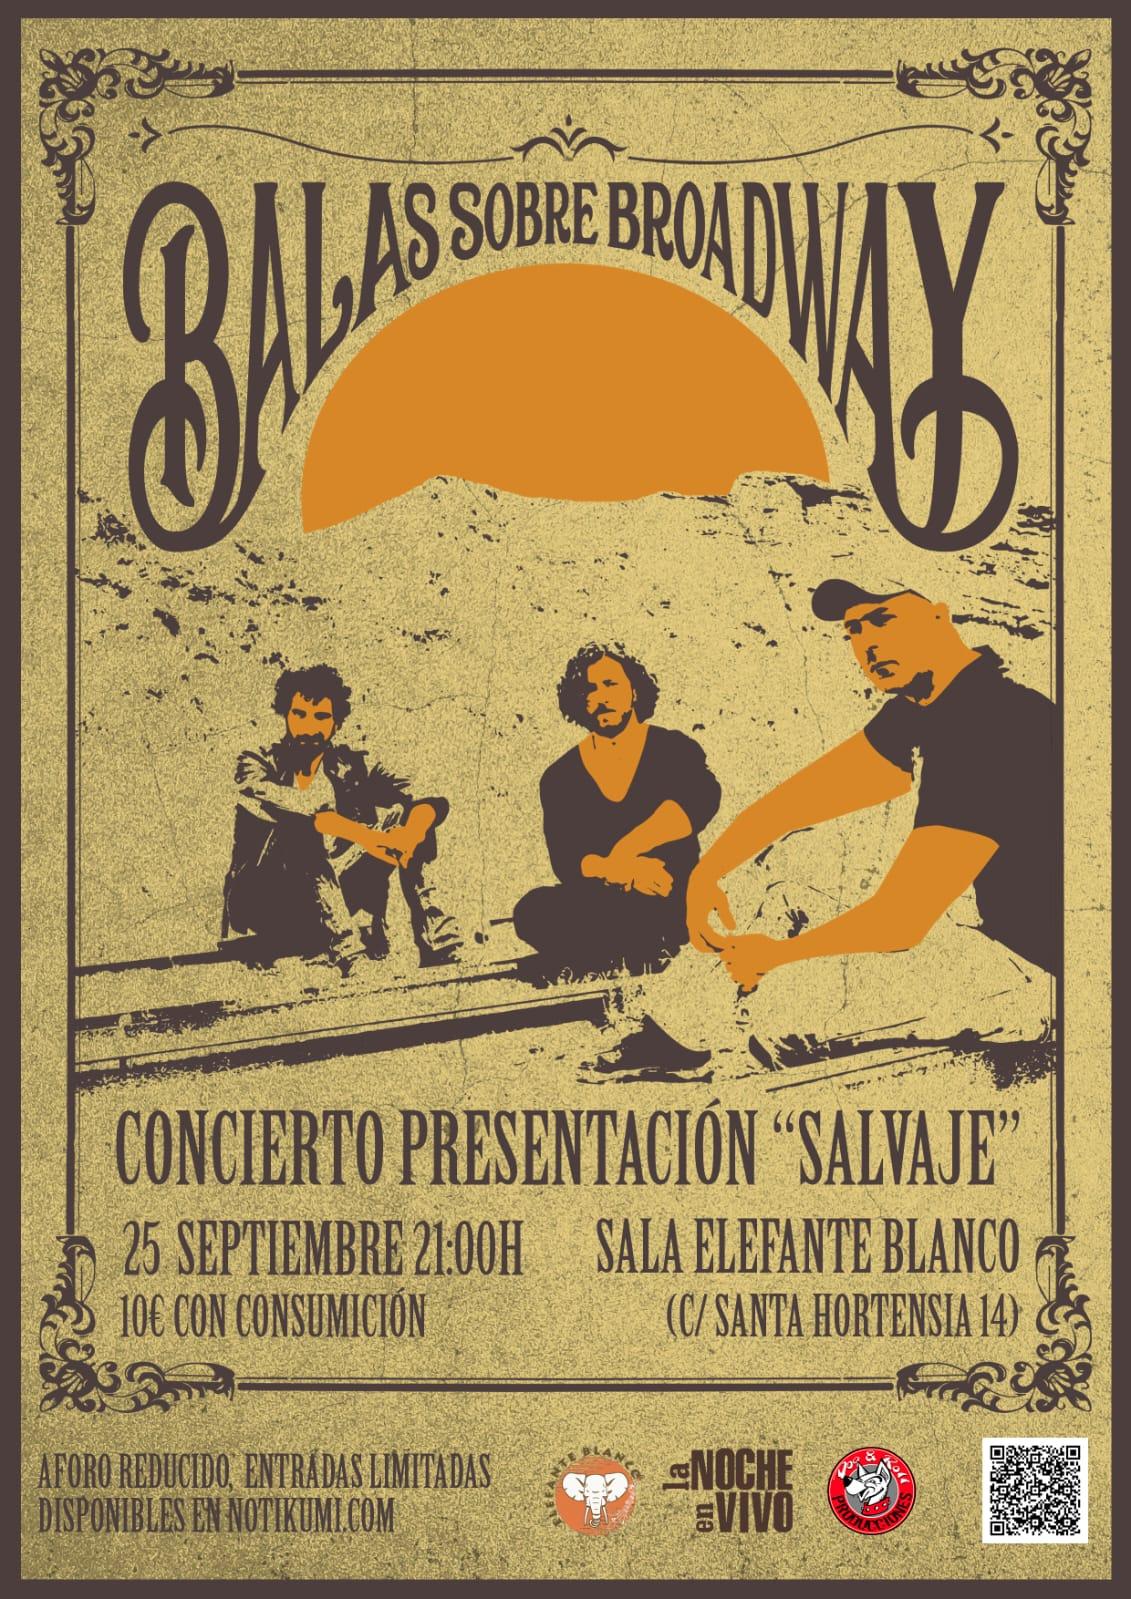 Balas Sobre Broadway - Cartel concierto Madrid